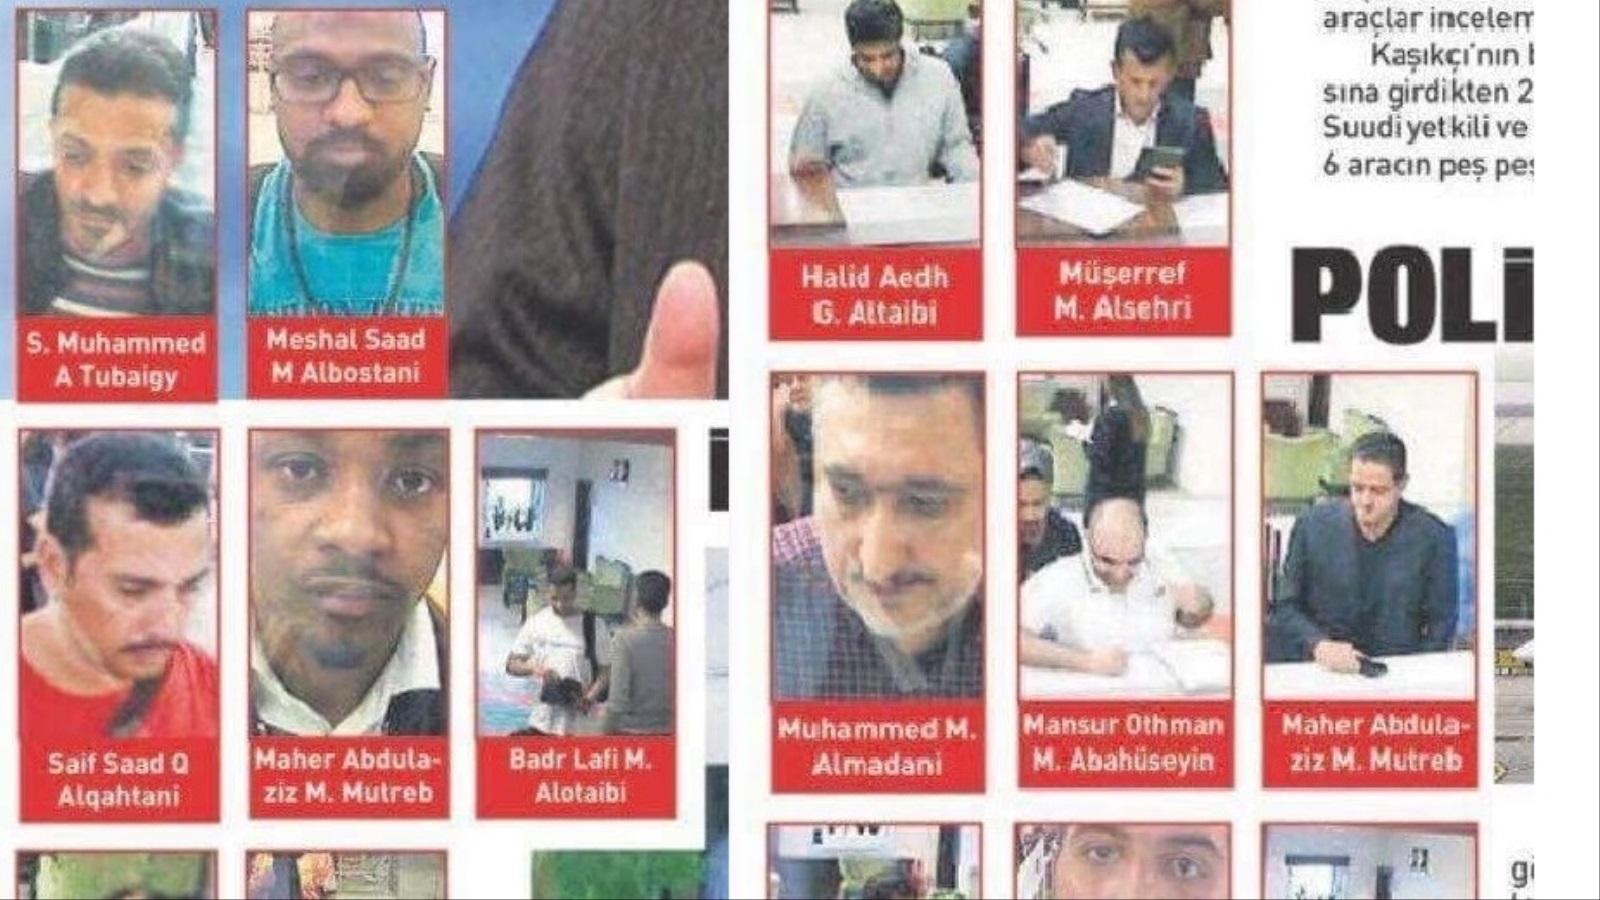 """وسائل إعلام تركية تنشر صور 15 سعوديا تقول إنهم """"متورطون في تعذيب وقتل خاشقجي"""" (مواقع التواصل الاجتماعي)"""